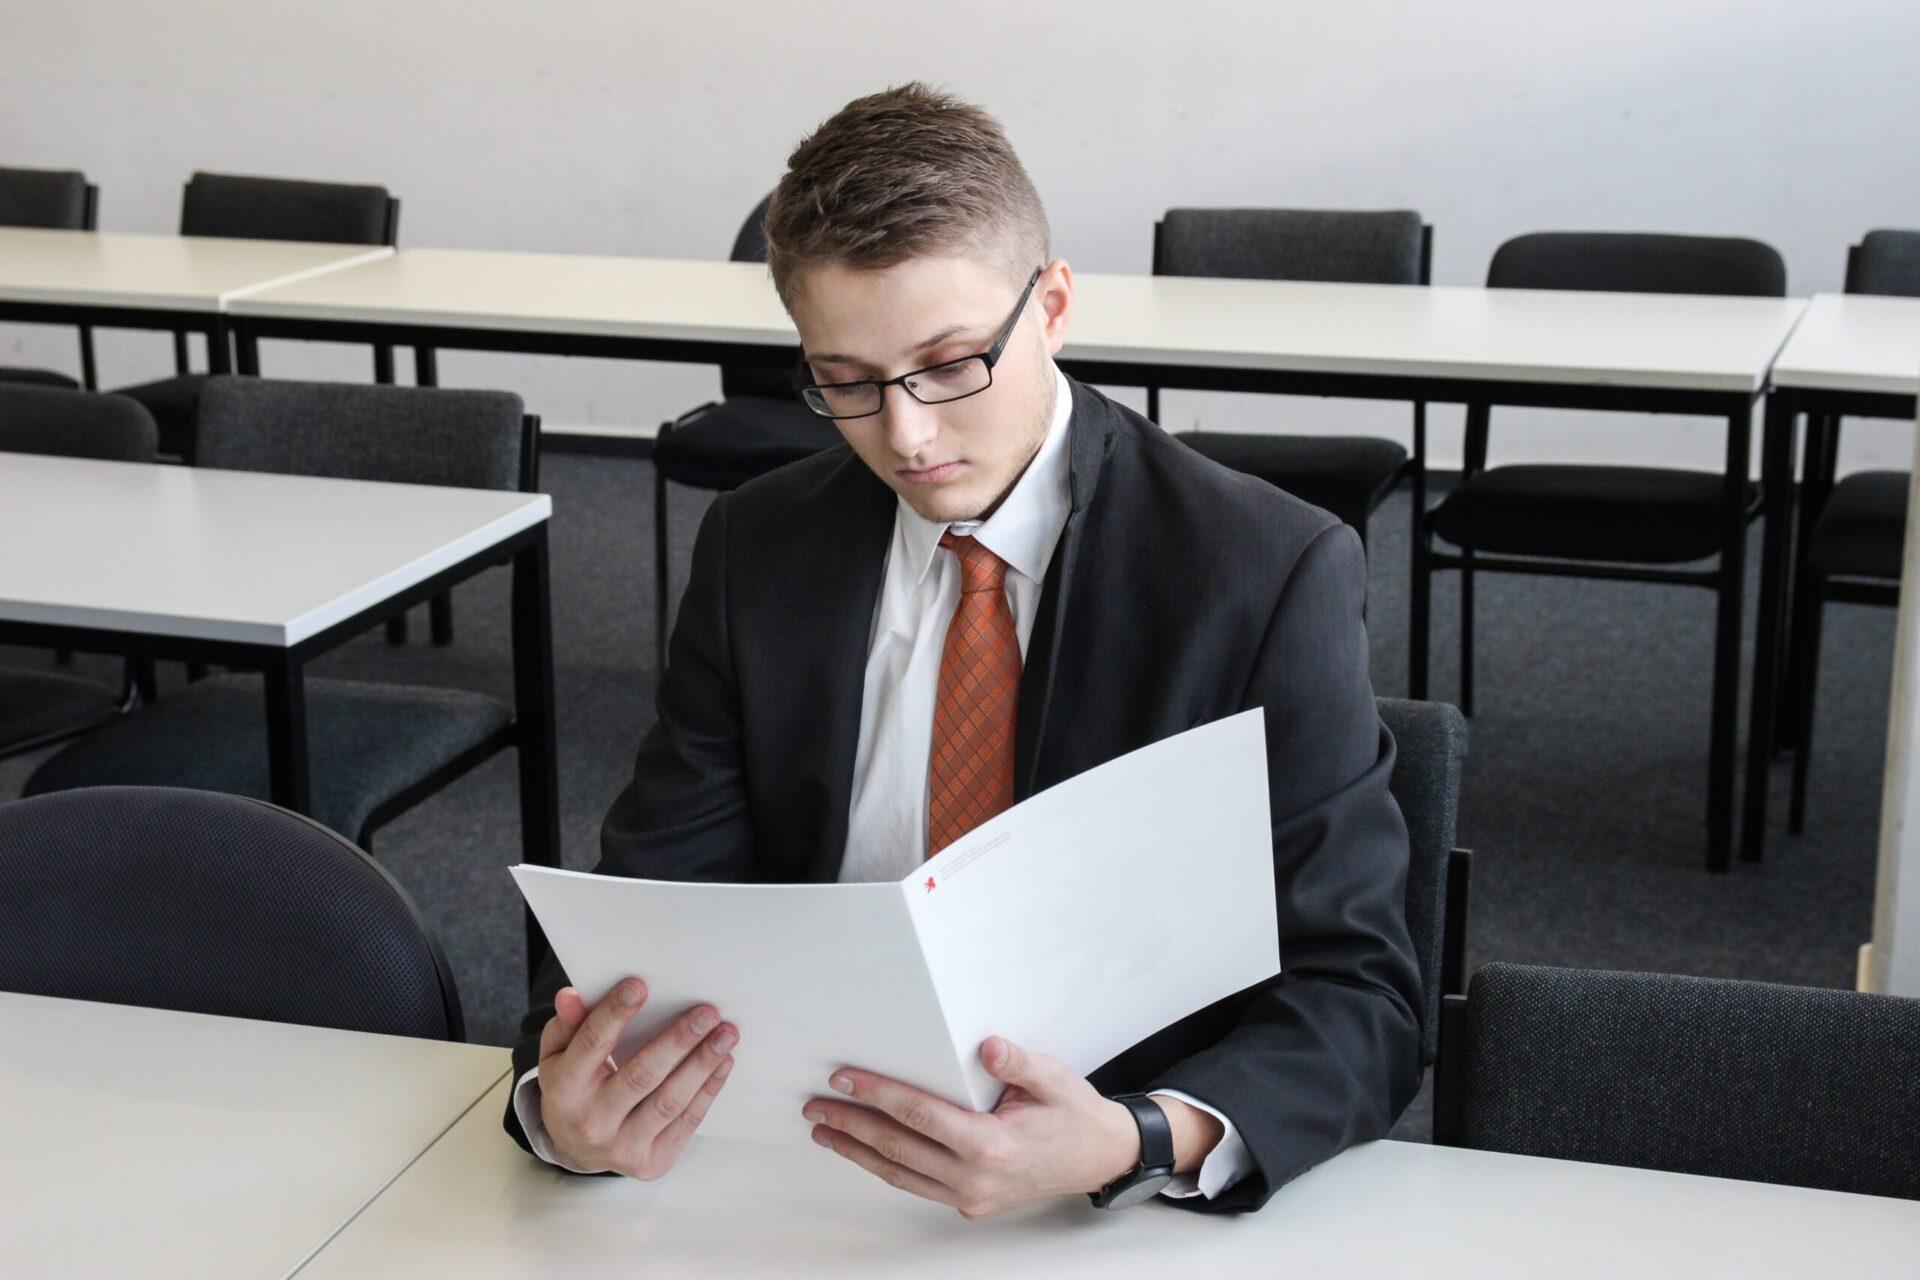 Ecco come sarà l'esame di maturità: nessuna prova scritta e un lungo esame orale a partire da un elaborato concordato